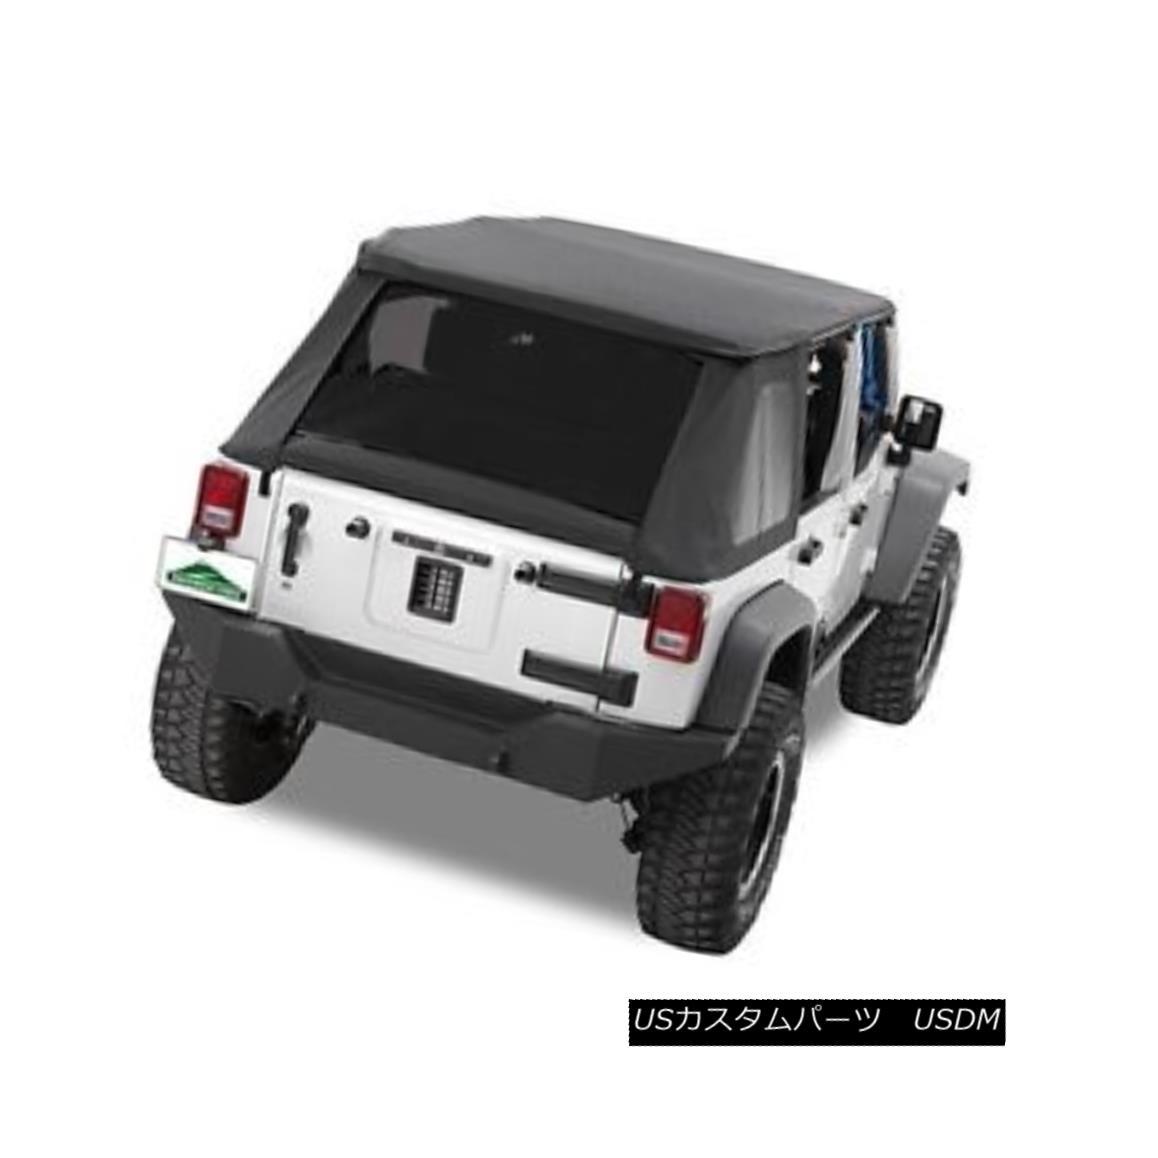 幌・ソフトトップ Pavement Ends Sprint Top Tinted Windows 07-09 Jeep Wrangler Unlimited JKU Black 舗装終了スプリントトップティンテッドウインドウ07-09 Jeep Wrangler Unlimited JKU Black